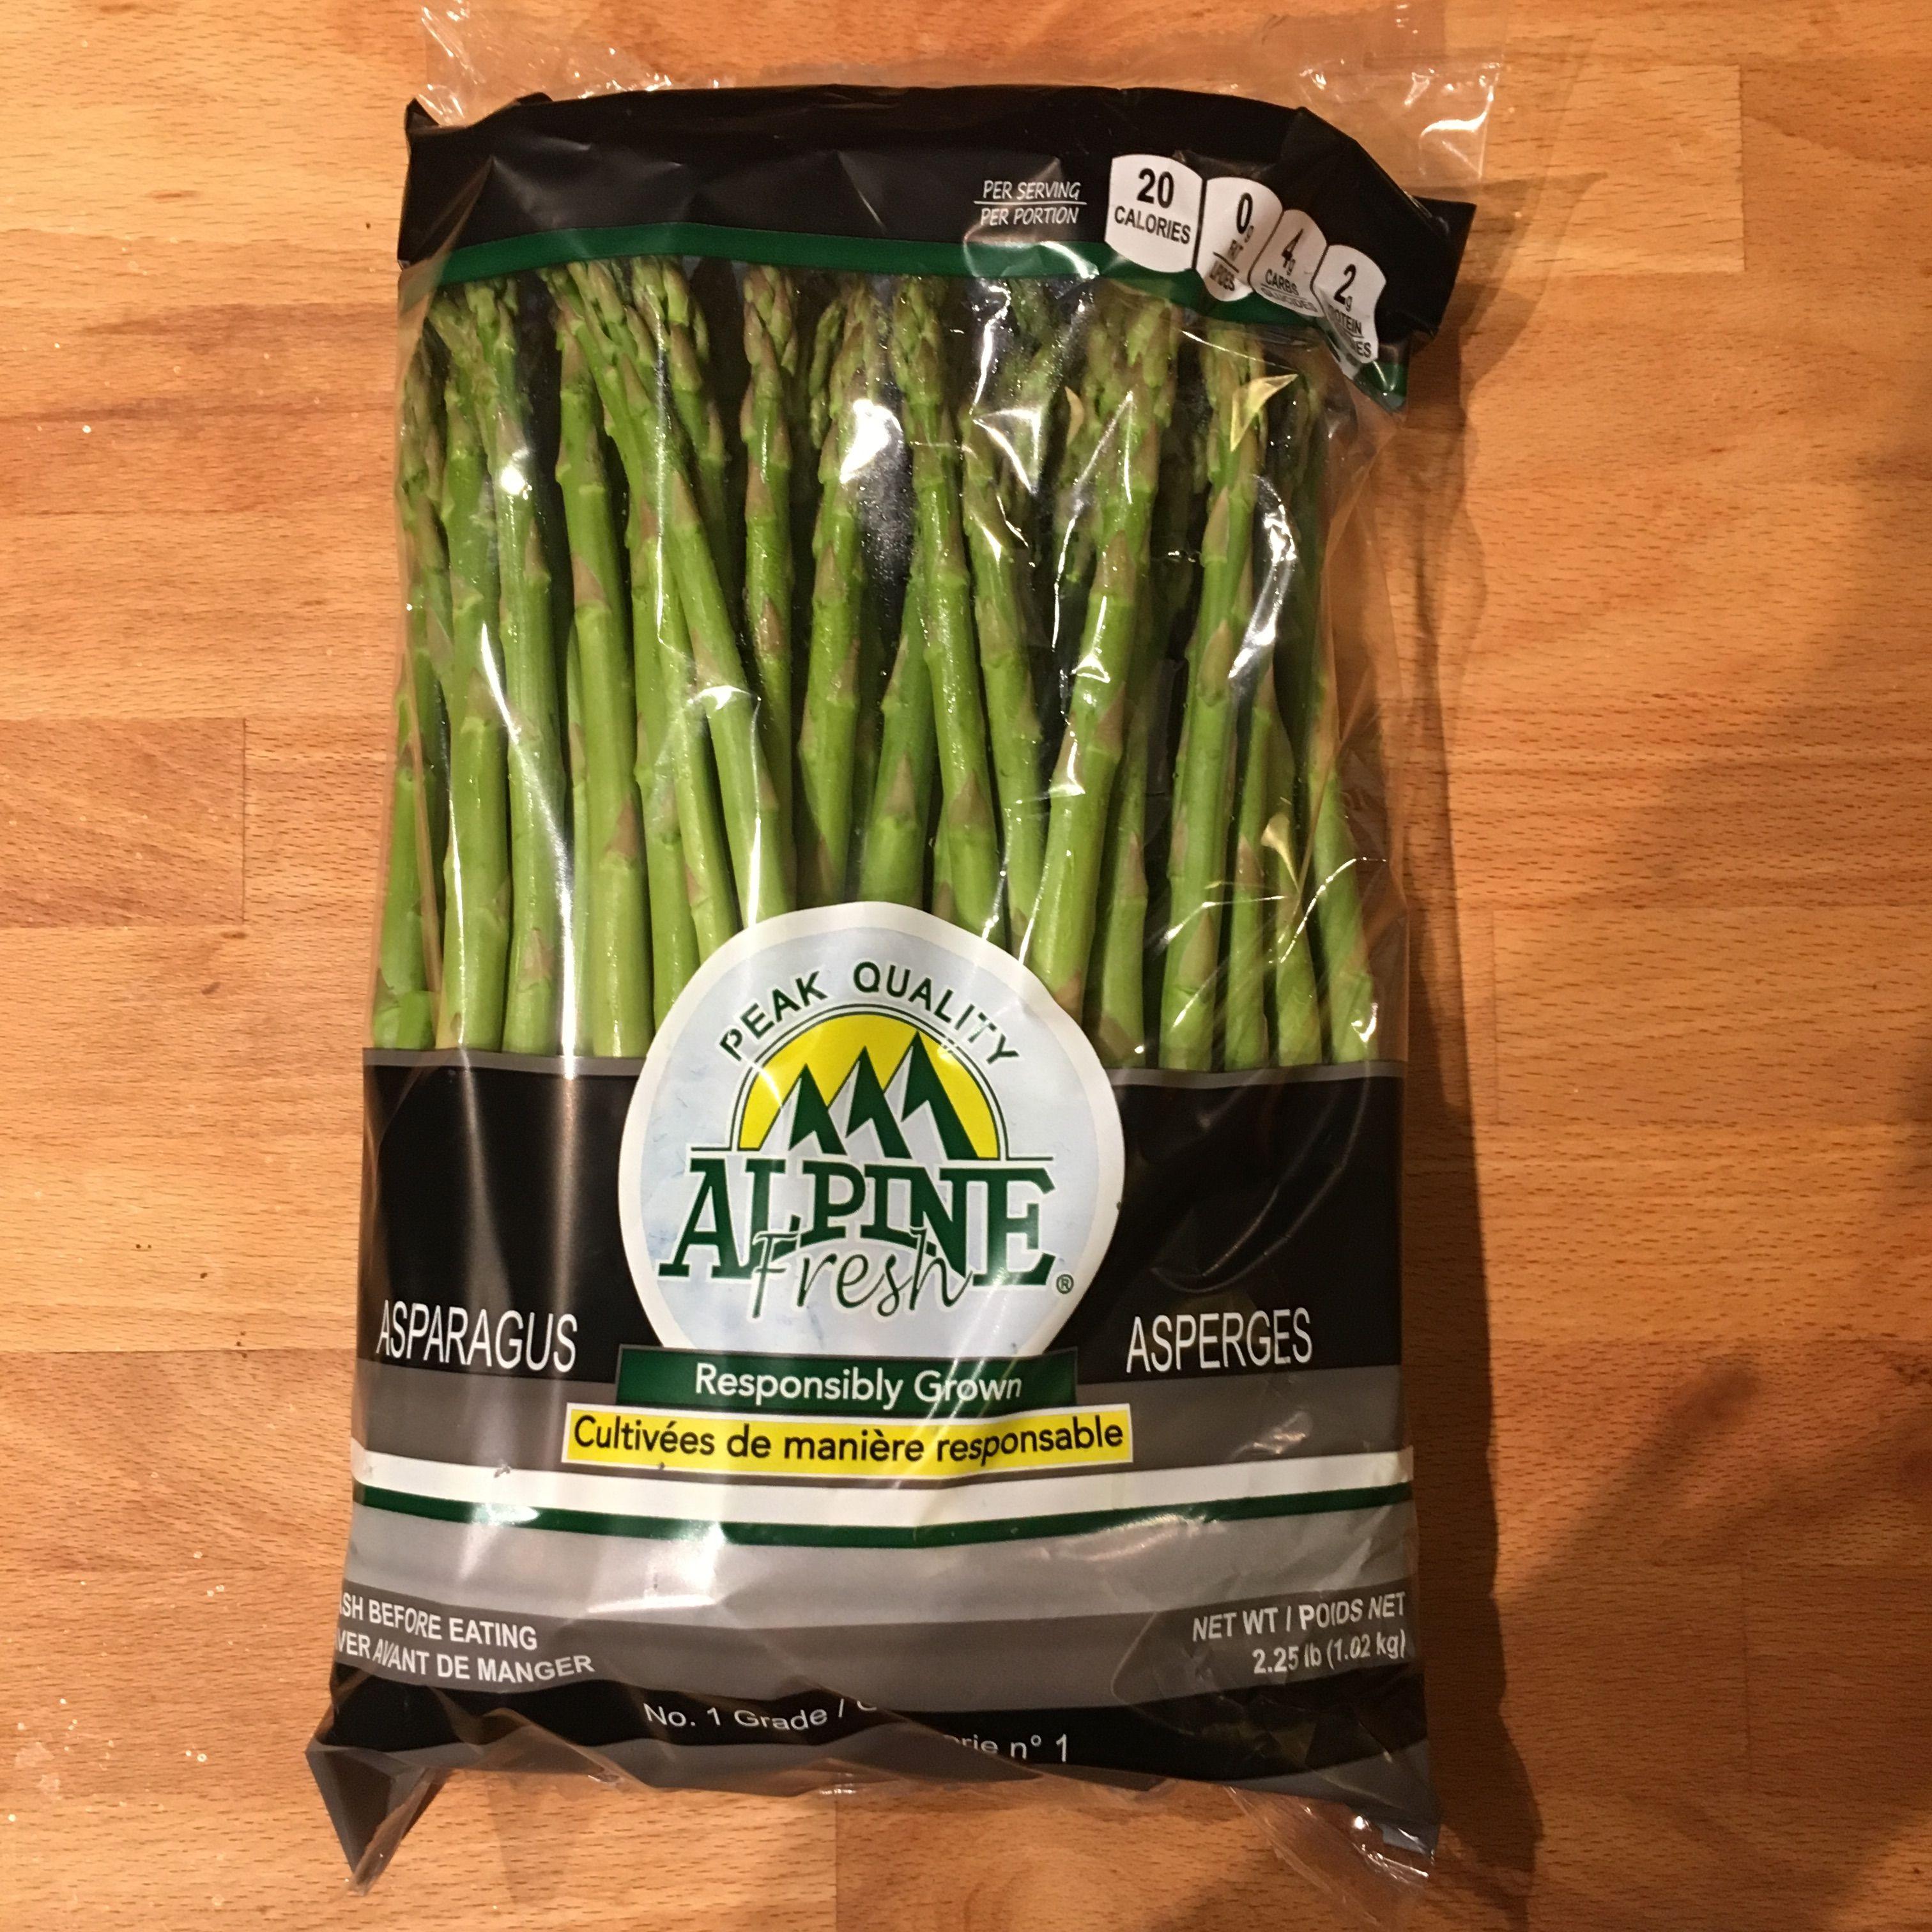 Asparagus   Asparagus, Vegetables, Food